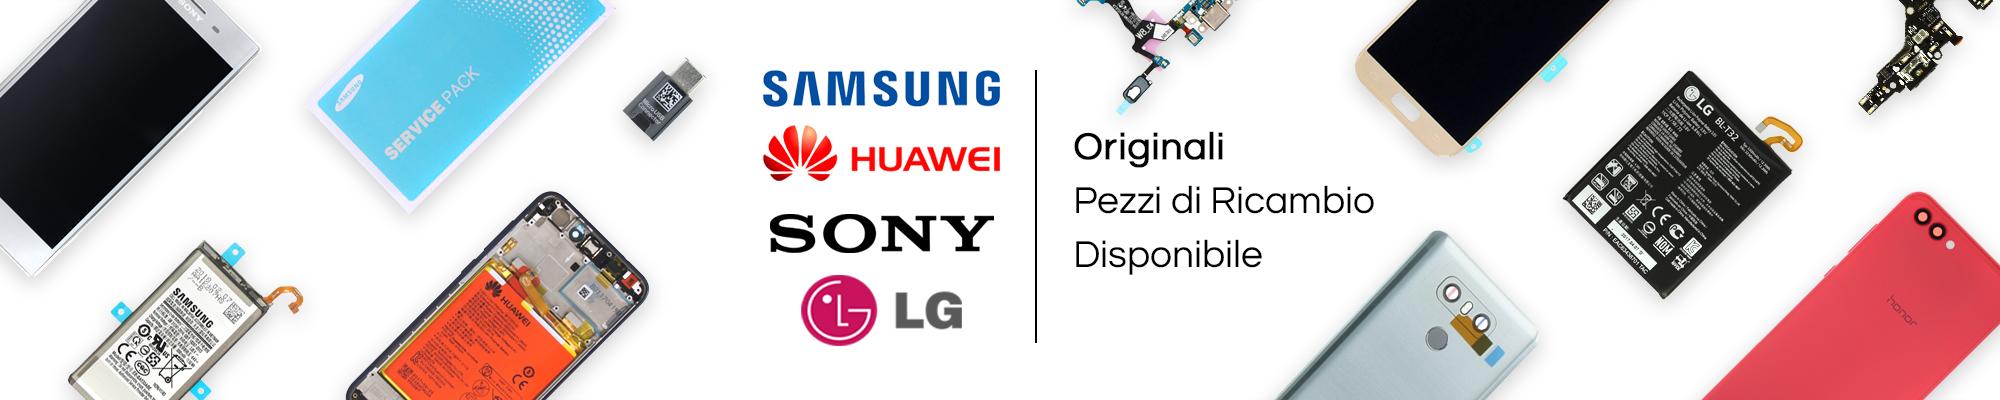 Originali Pezzi di Ricambio Disponibile a GSM Parts Center